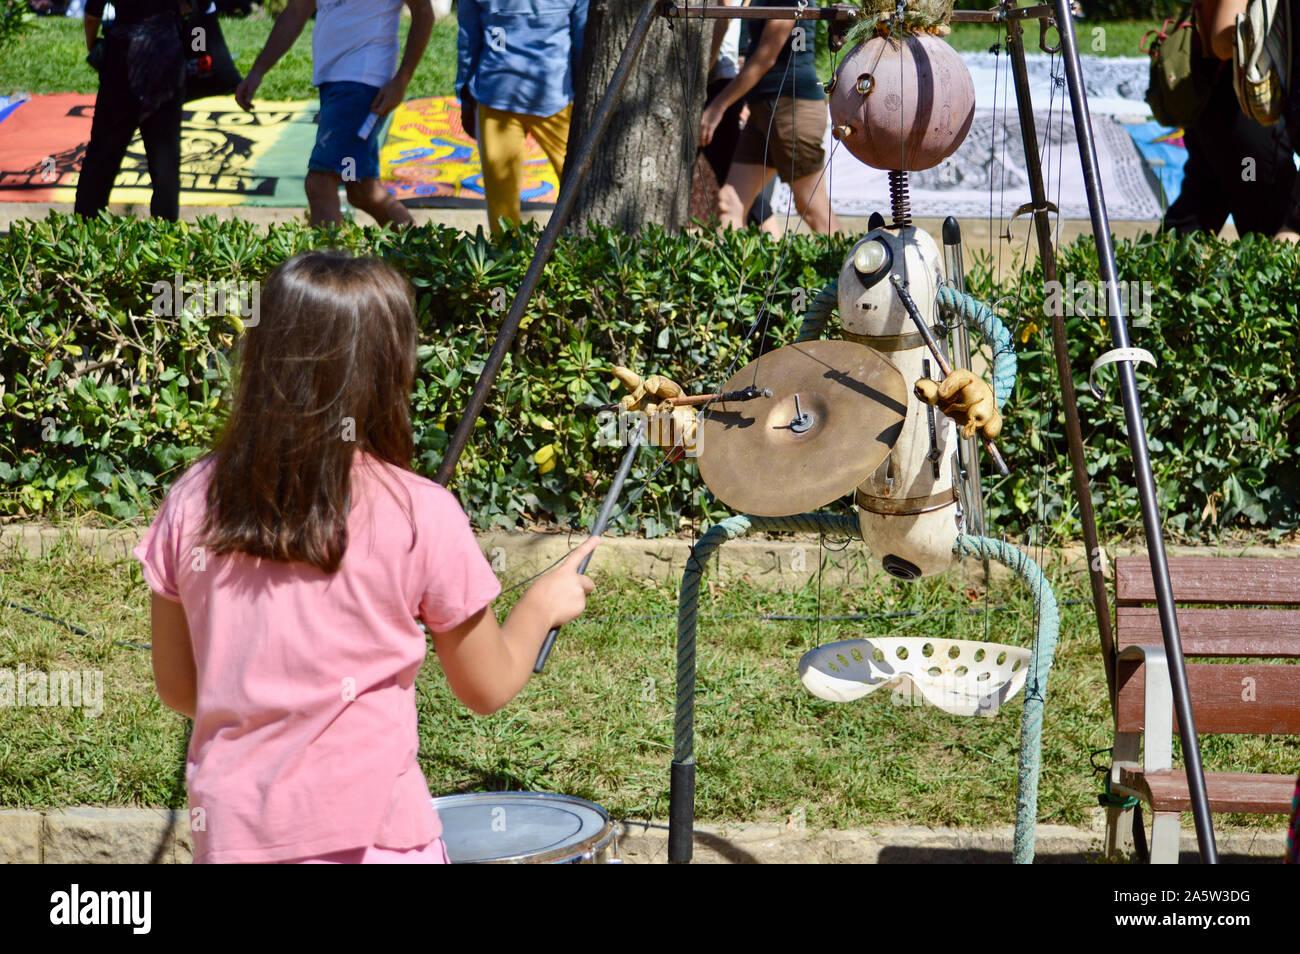 Un enfant jouant avec une marionnette à Ciutadella Park pendant la Merce 2019 à Barcelone, Espagne Banque D'Images